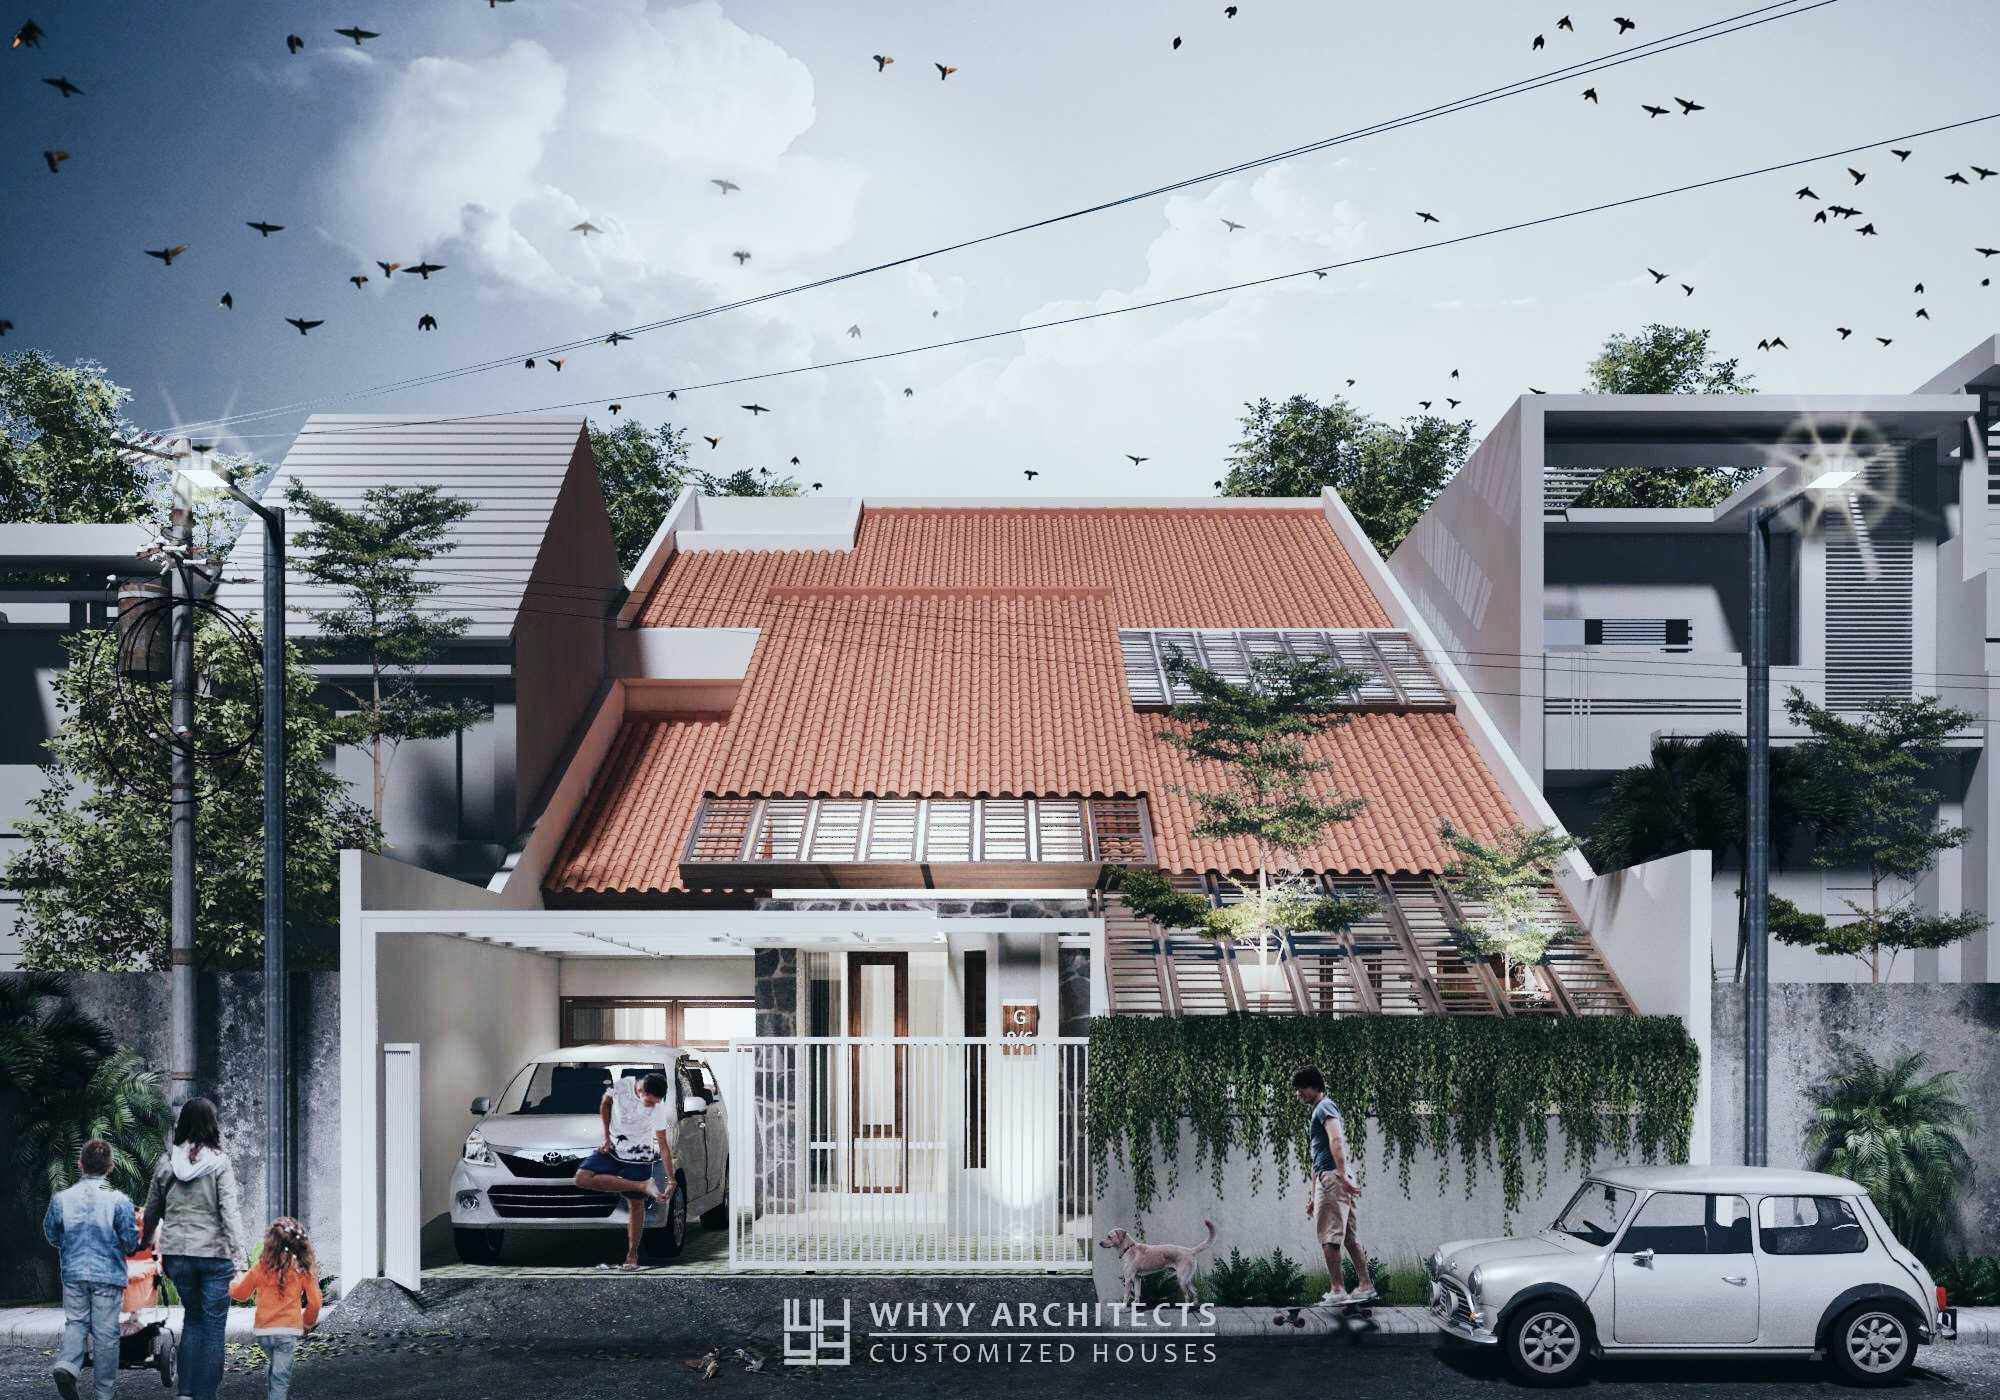 Whyy Architects Ac House Pulo Gebang, Cakung, Kota Jakarta Timur, Daerah Khusus Ibukota Jakarta, Indonesia Pulo Gebang, Cakung, Kota Jakarta Timur, Daerah Khusus Ibukota Jakarta, Indonesia Front View Rendering Tropical  48678